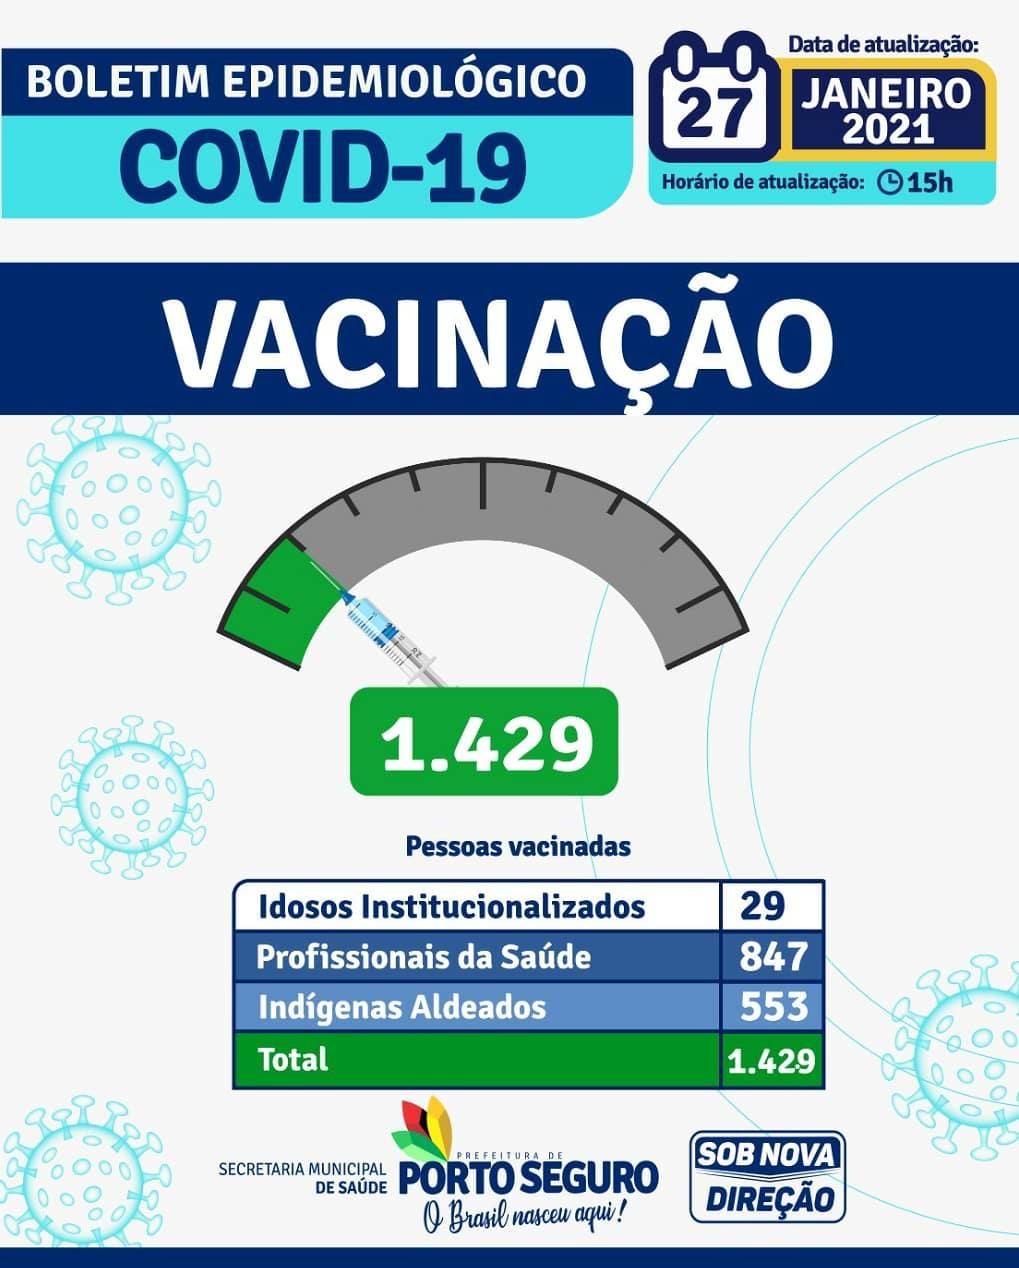 Porto Seguro: Boletim Epidemiológico Coronavírus (quarta feira) 27/01 27